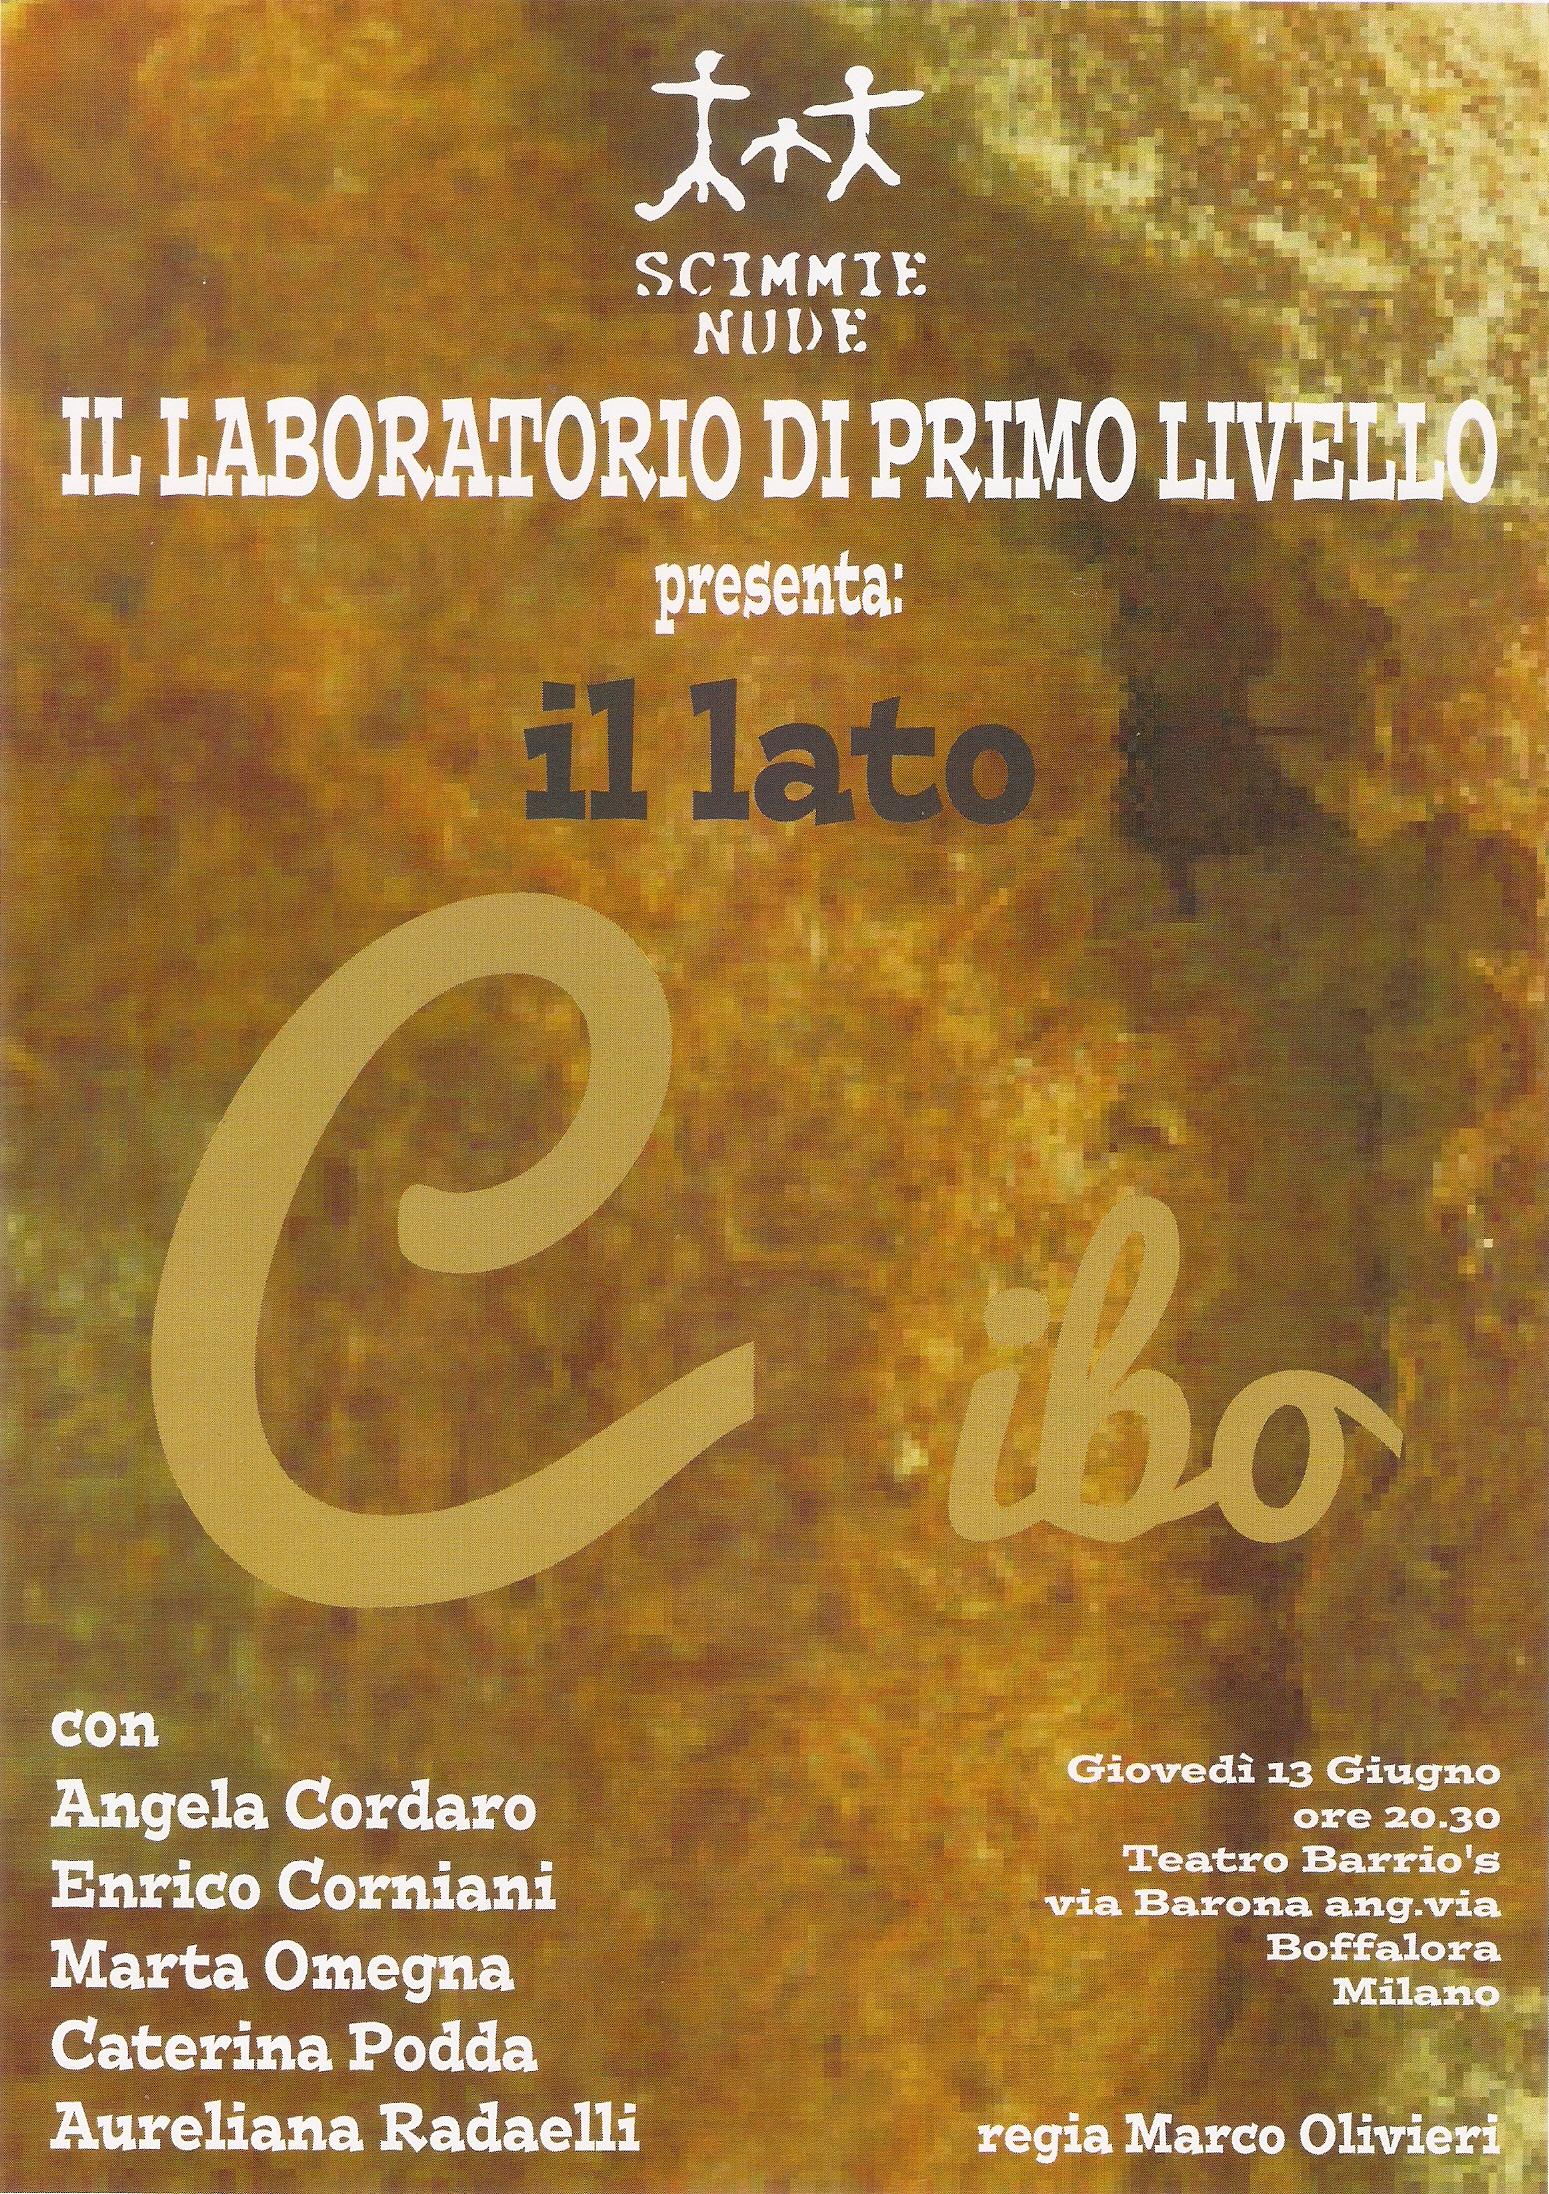 Il-lato-Cibo-2102_2013